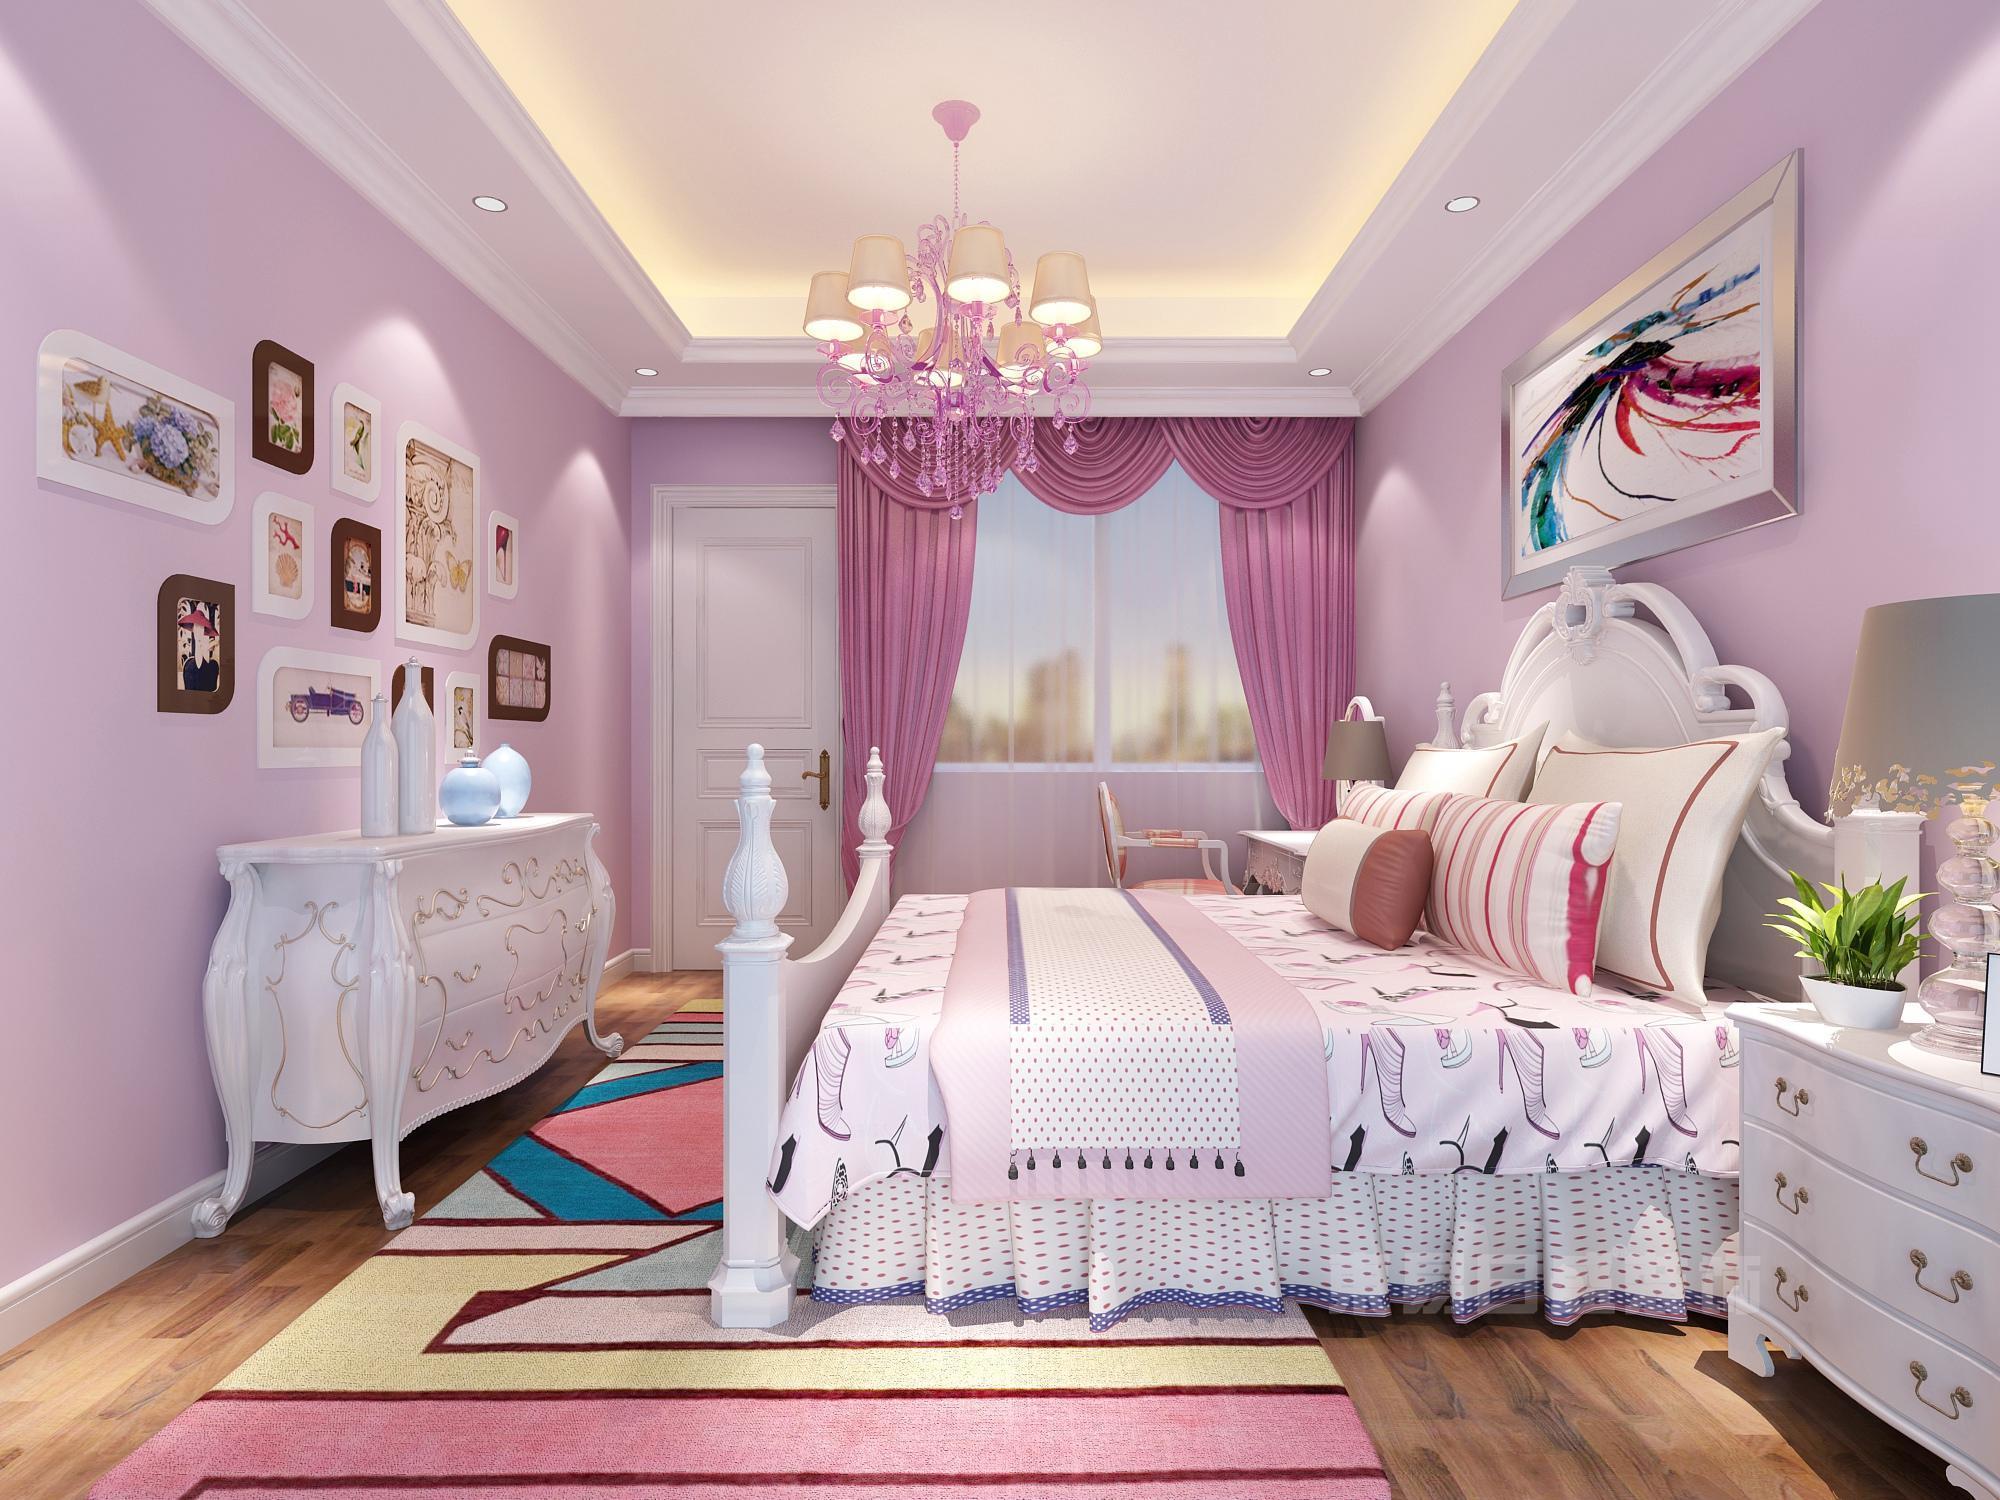 百瑞景 162㎡ 美式乡村丨粉粉水晶的公主房戳中我的少女心图片